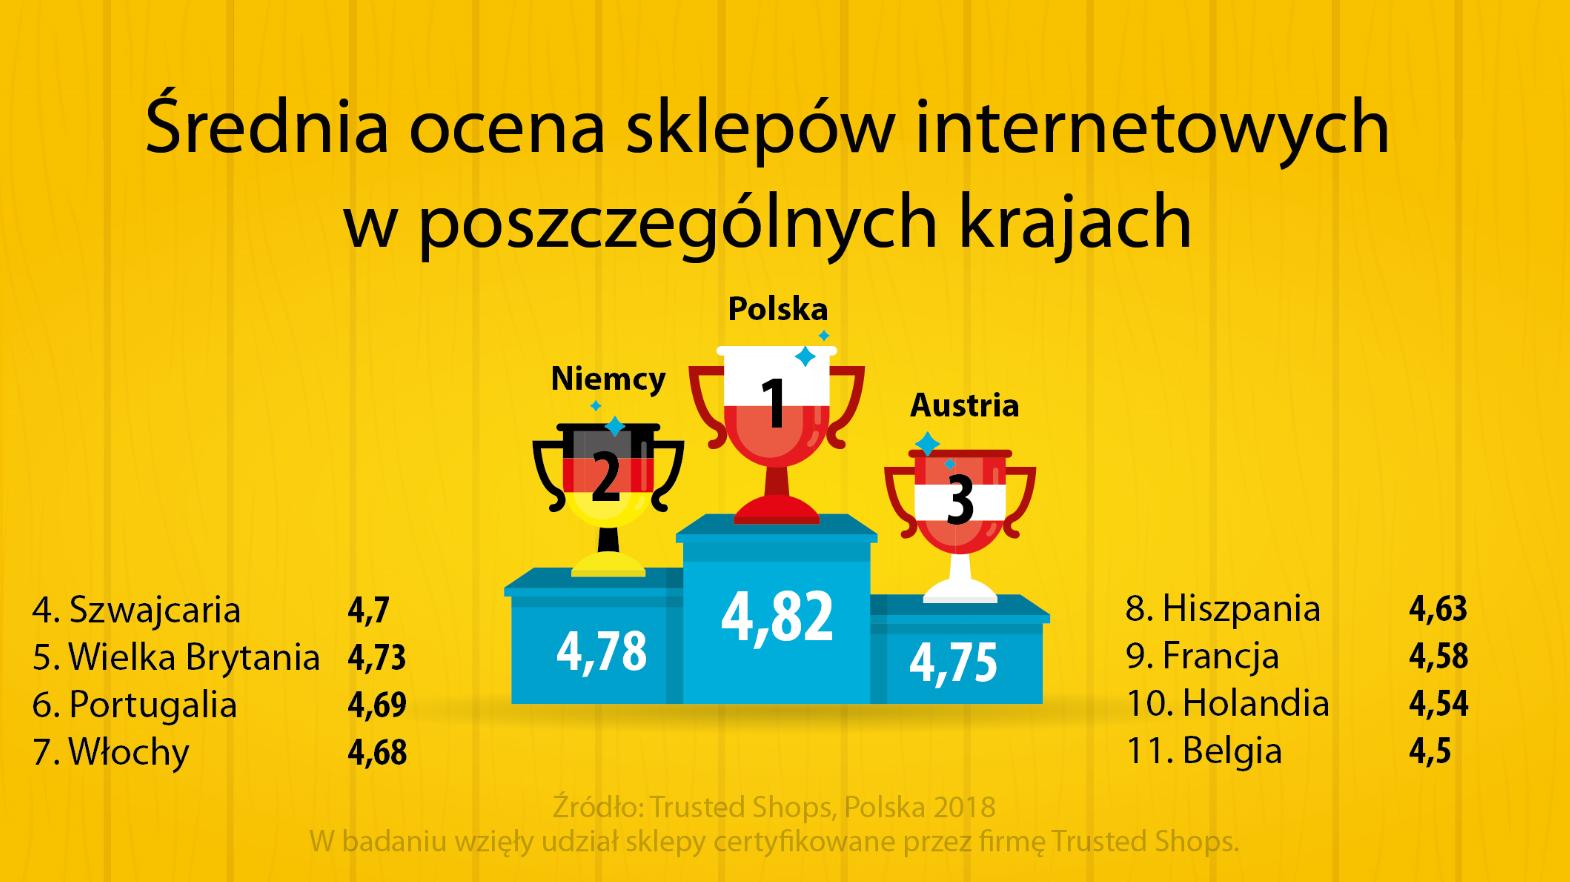 srednia_ocena_sklepow_2018